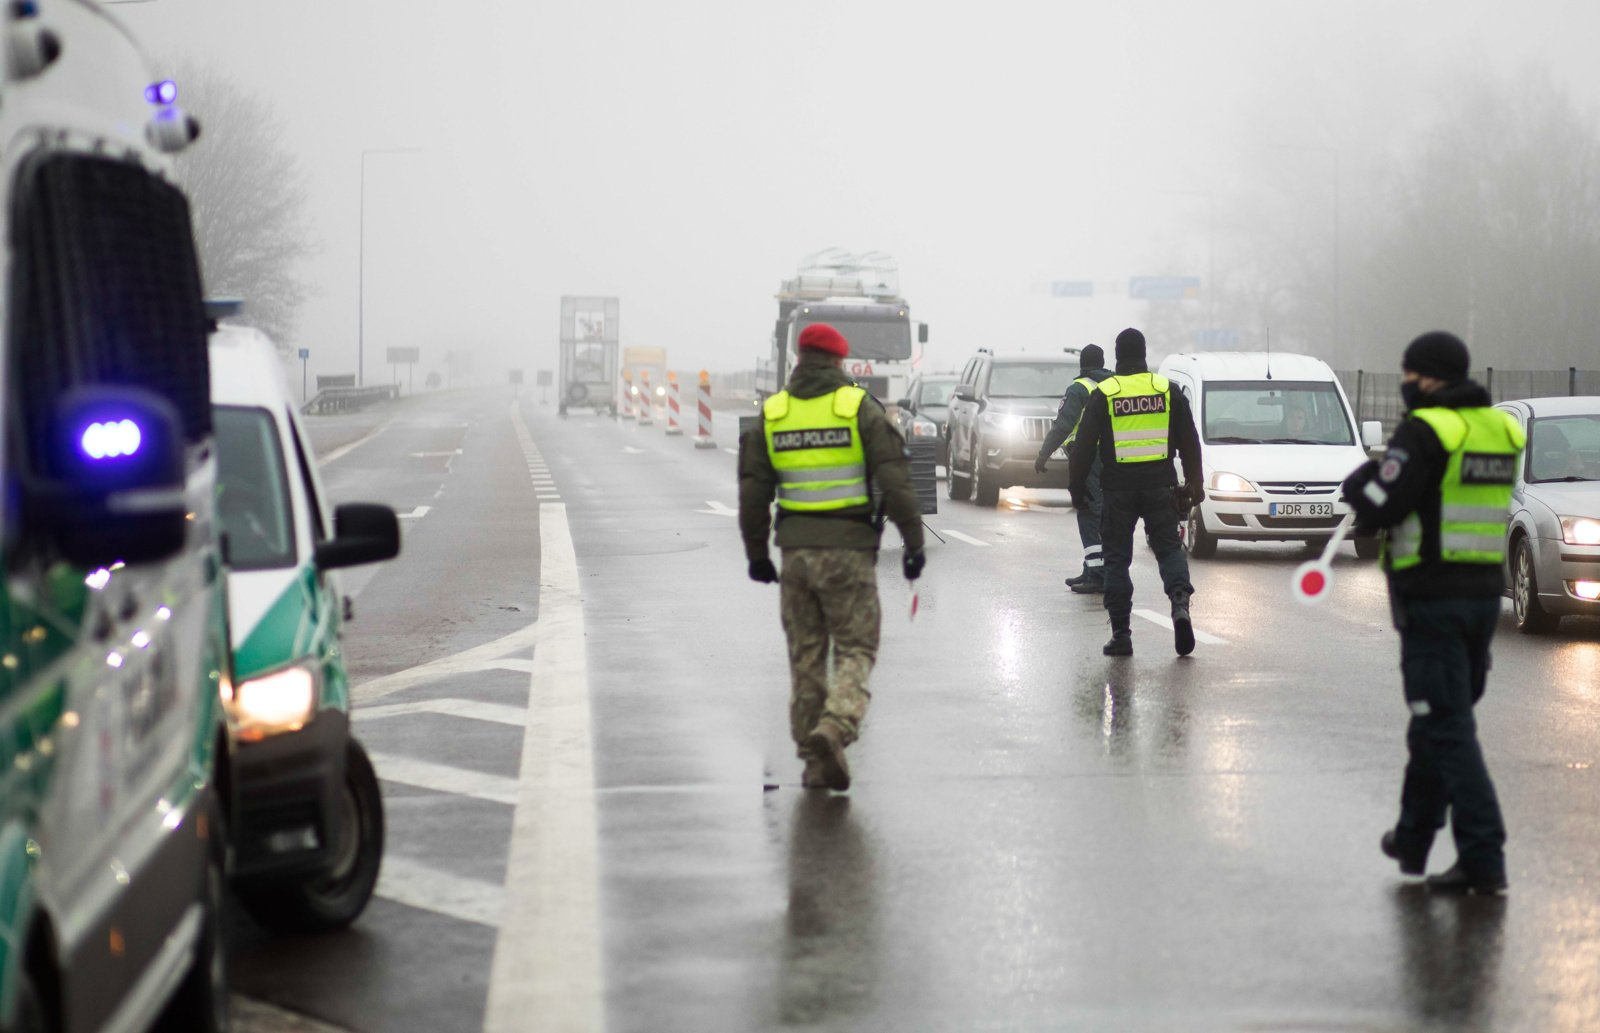 Policija judėjimo kontrolės vietų ir laiko iš anksto neskelbs, griežčiau kontroliuos